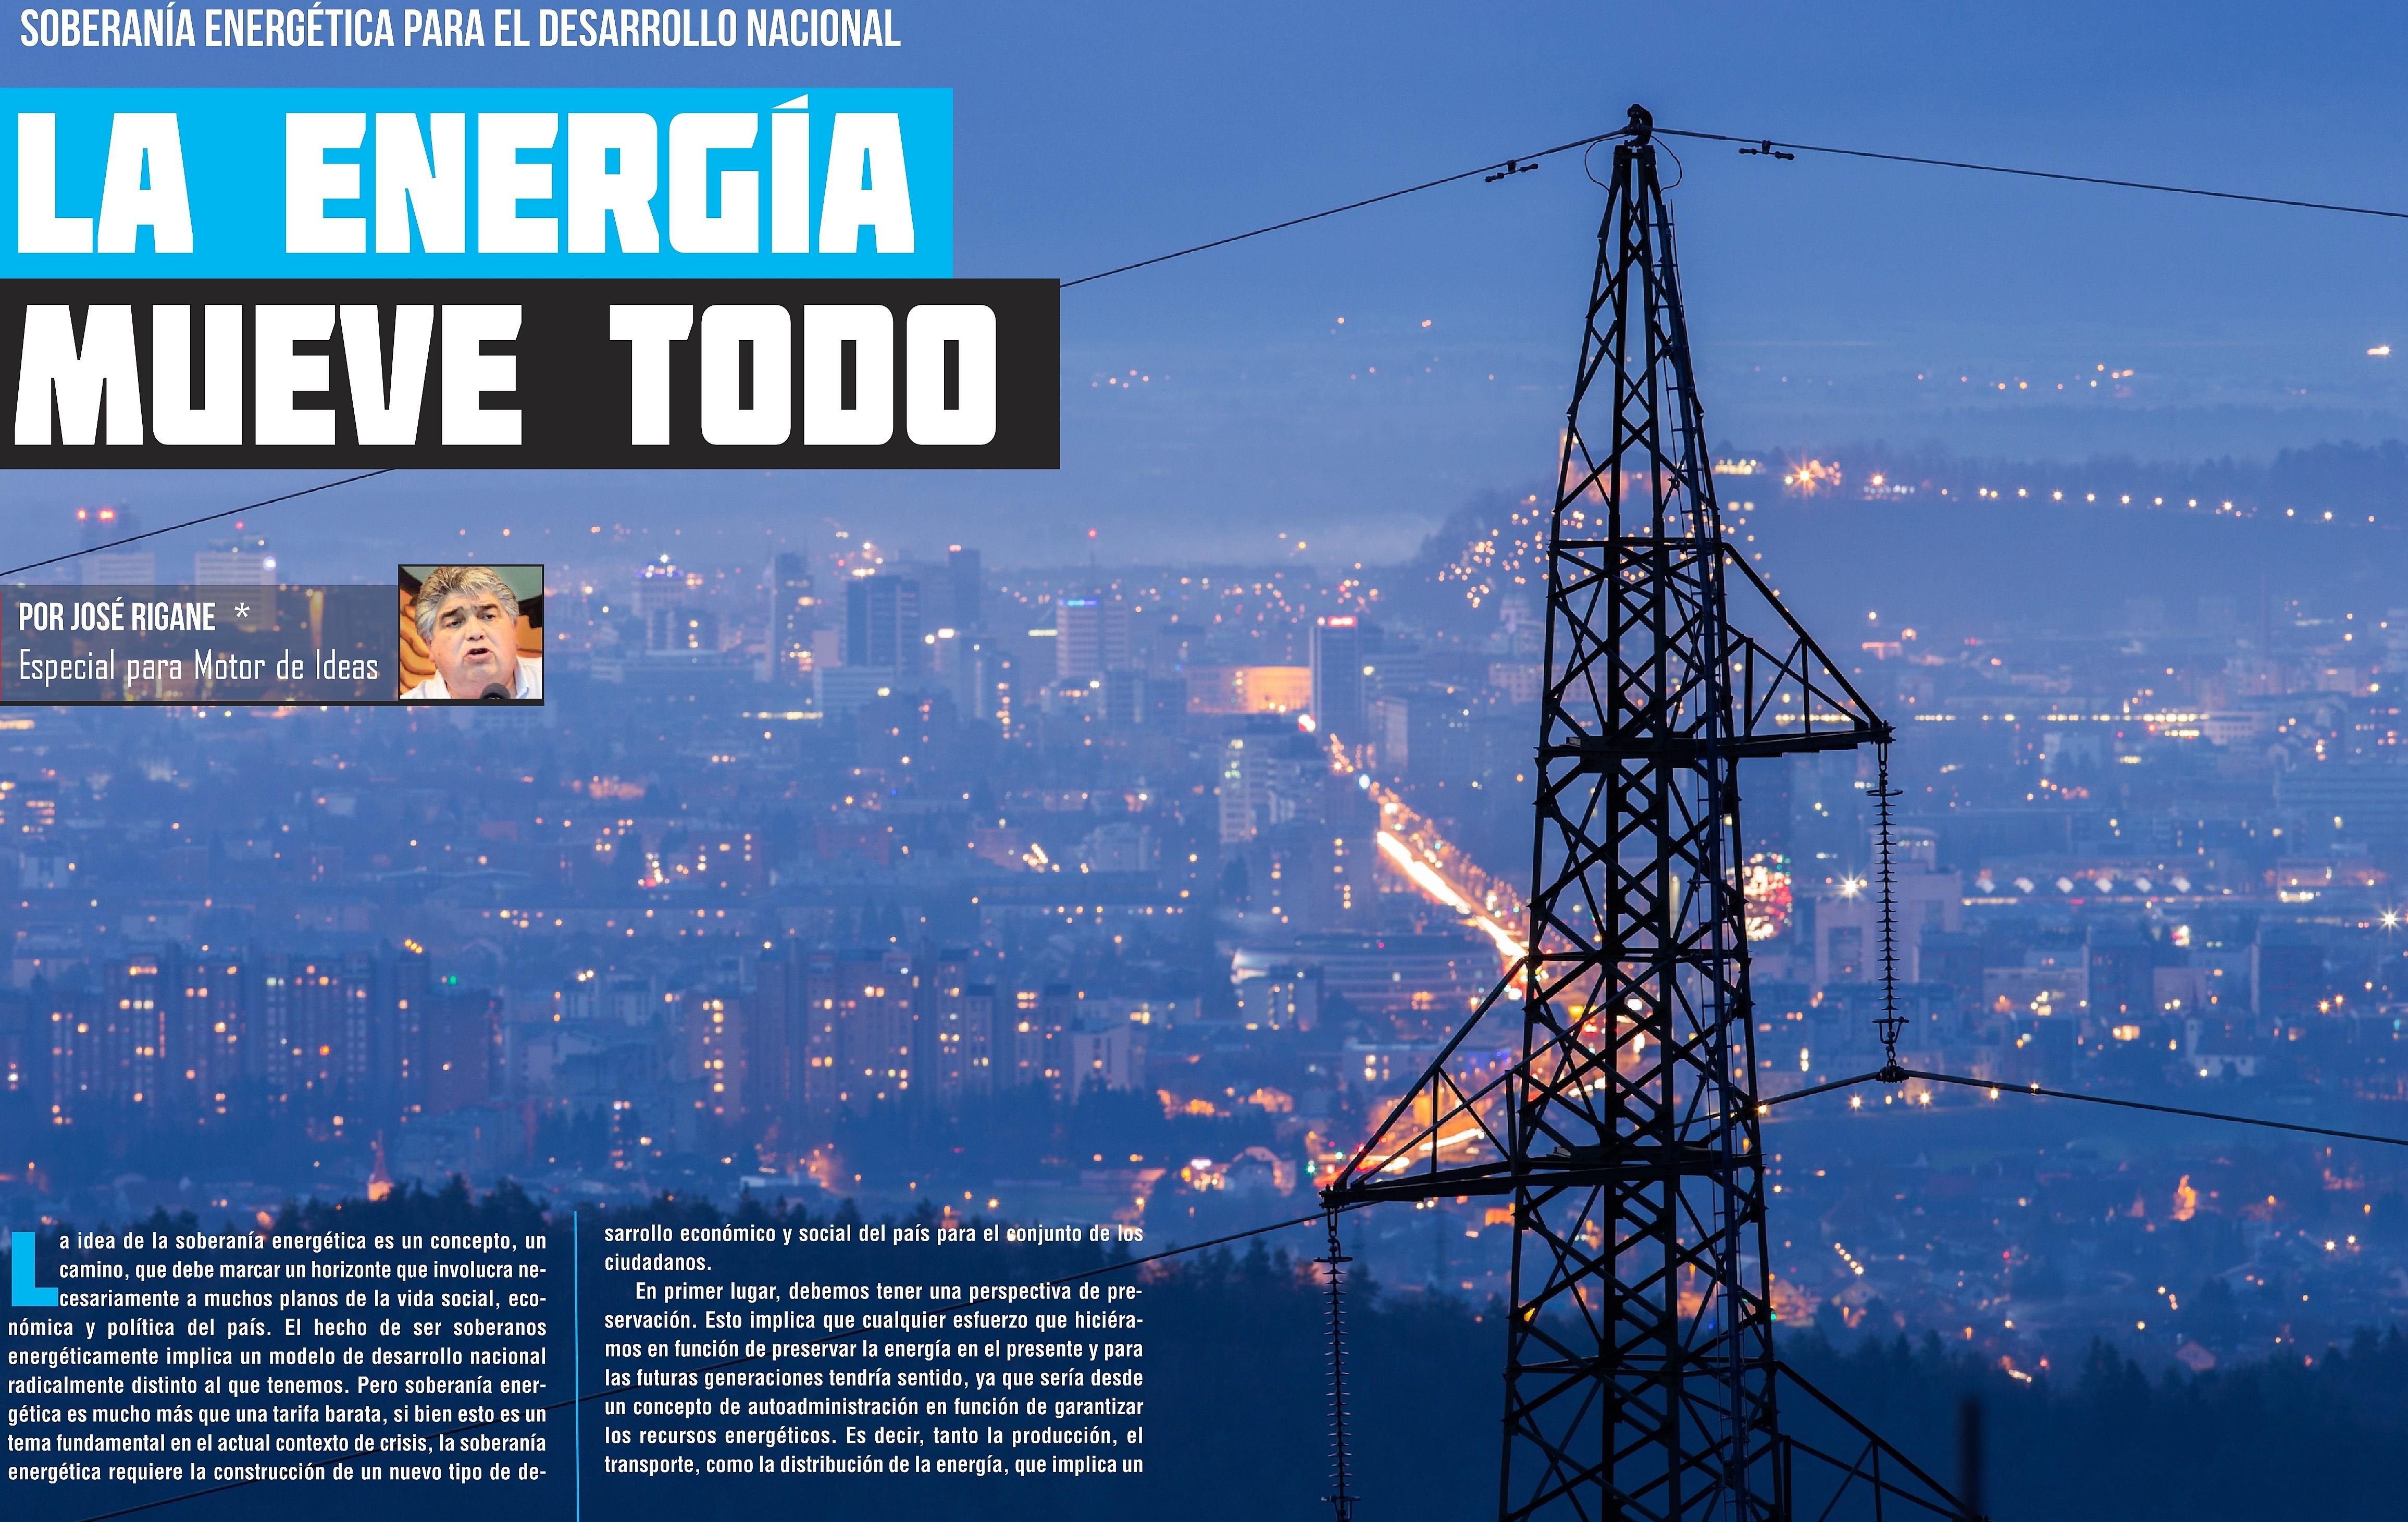 LA ENERGÍA MUEVE TODO - Por José Rigane